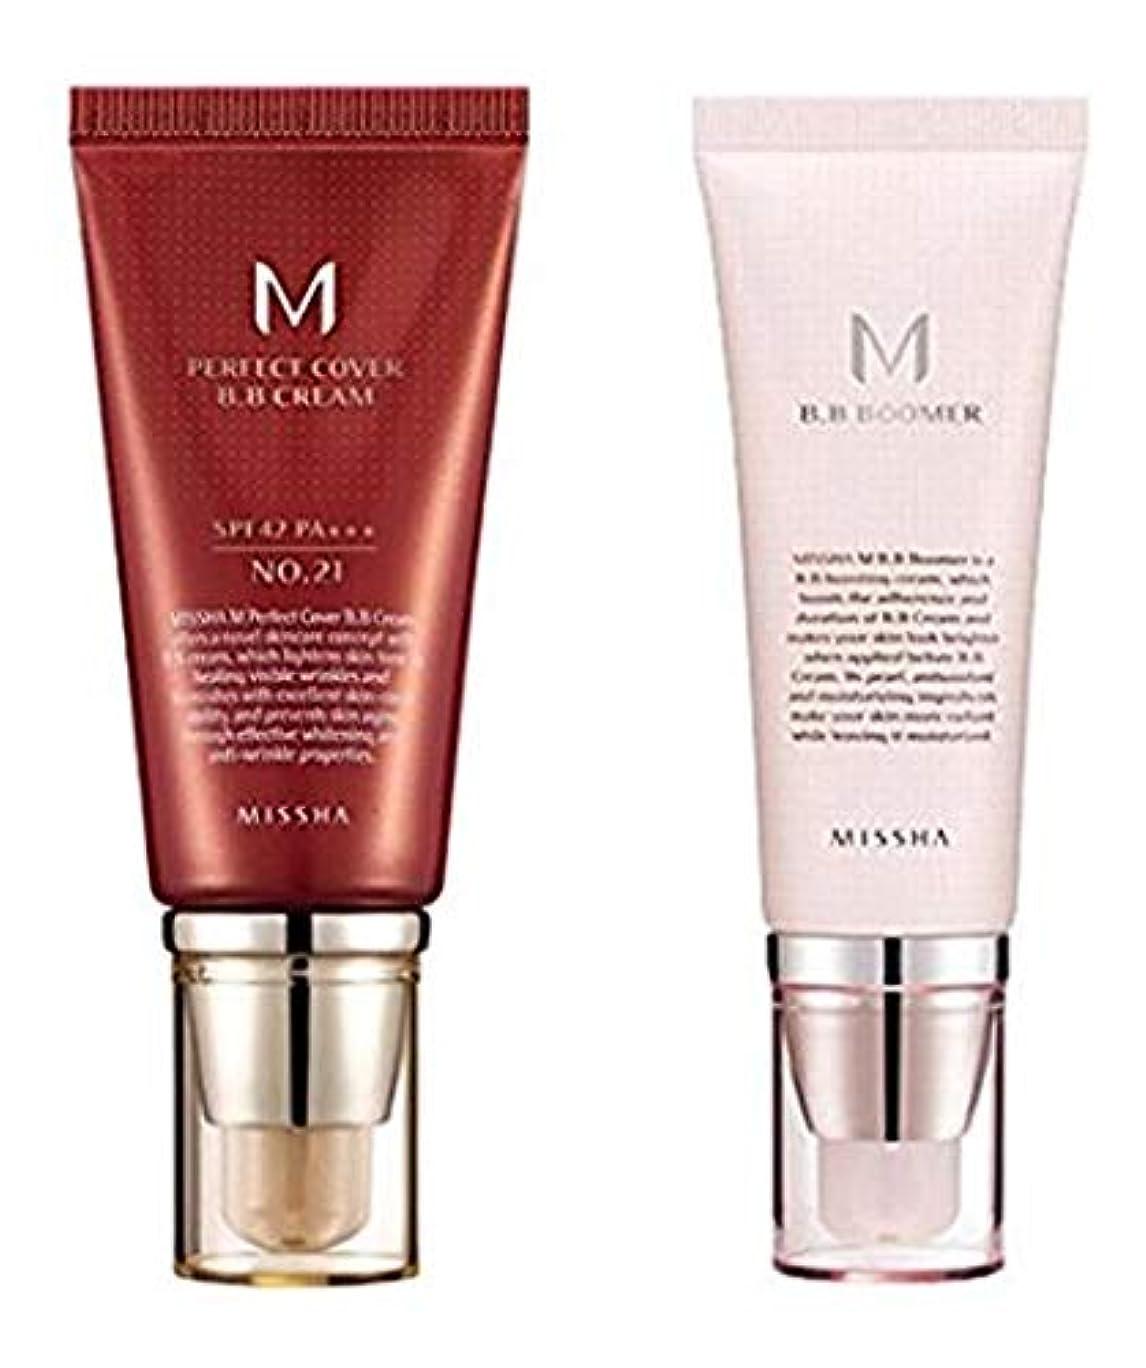 評価可能利得虚弱MISSHA M Perfect Cover BB cream #21 + M BB Boomer / ミシャ M パーフェクトカバー BBクリーム 50ml + M BBブーマー40ml [並行輸入品]